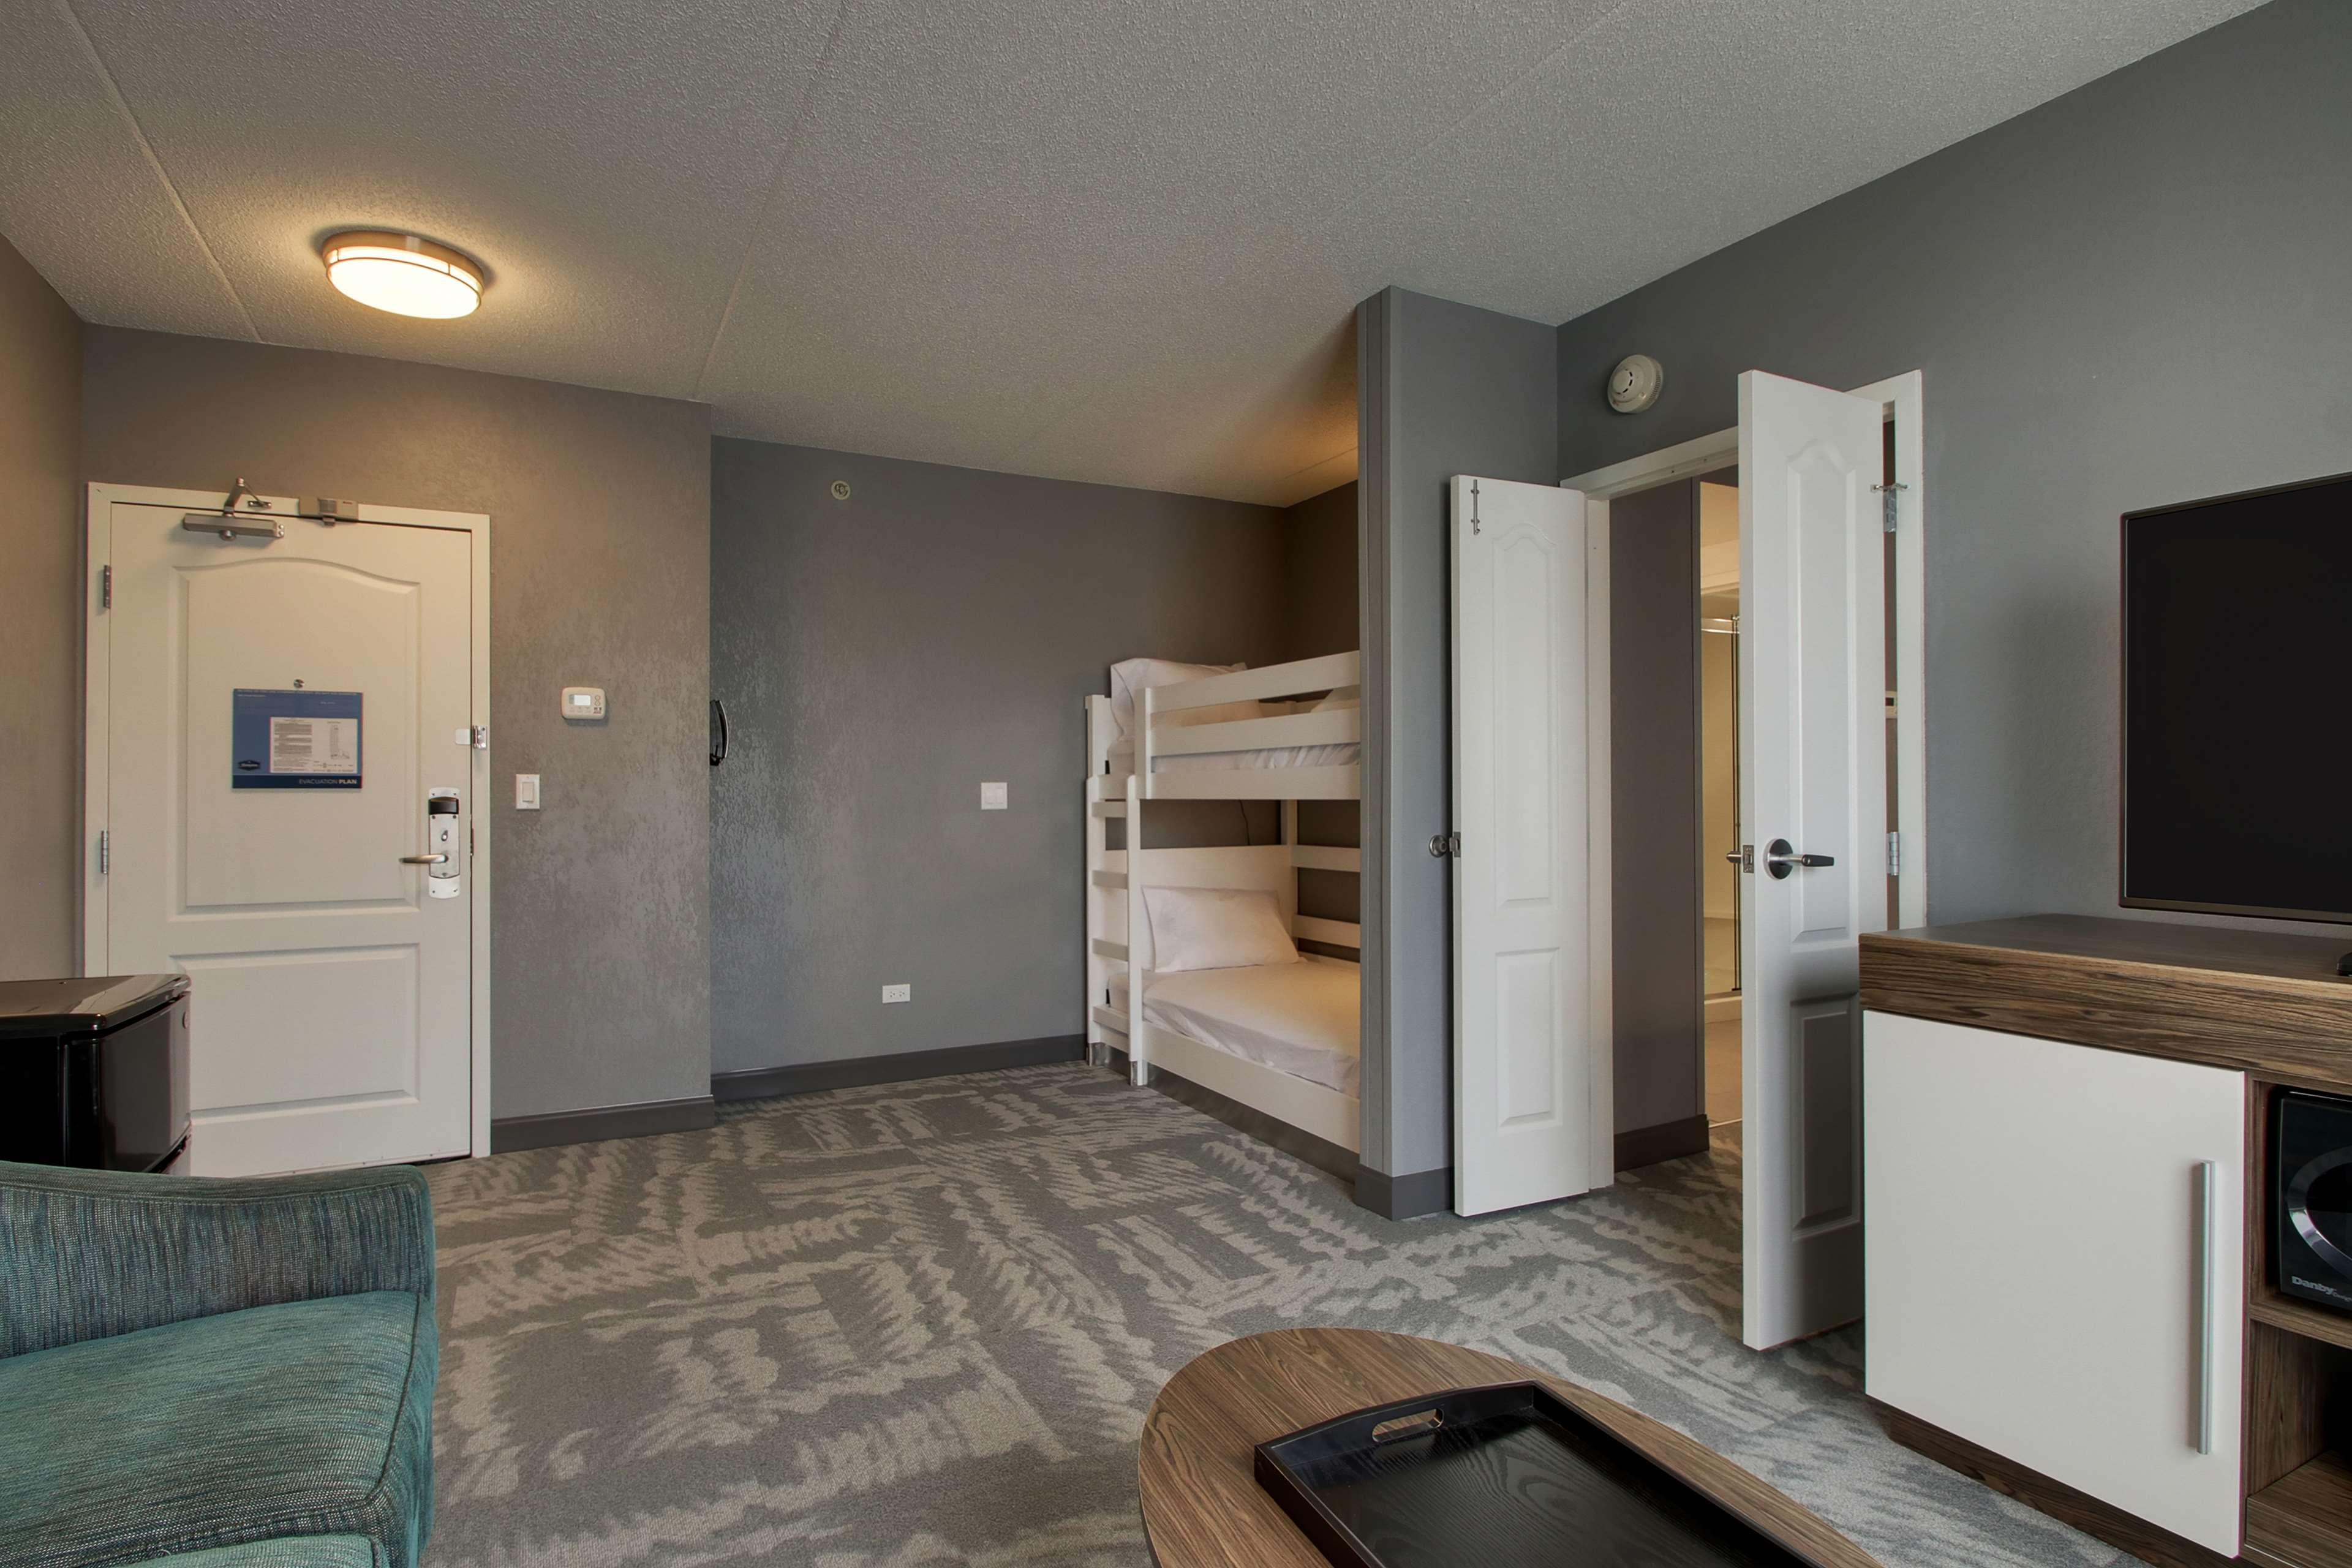 Hampton Inn & Suites Chicago/Aurora image 25